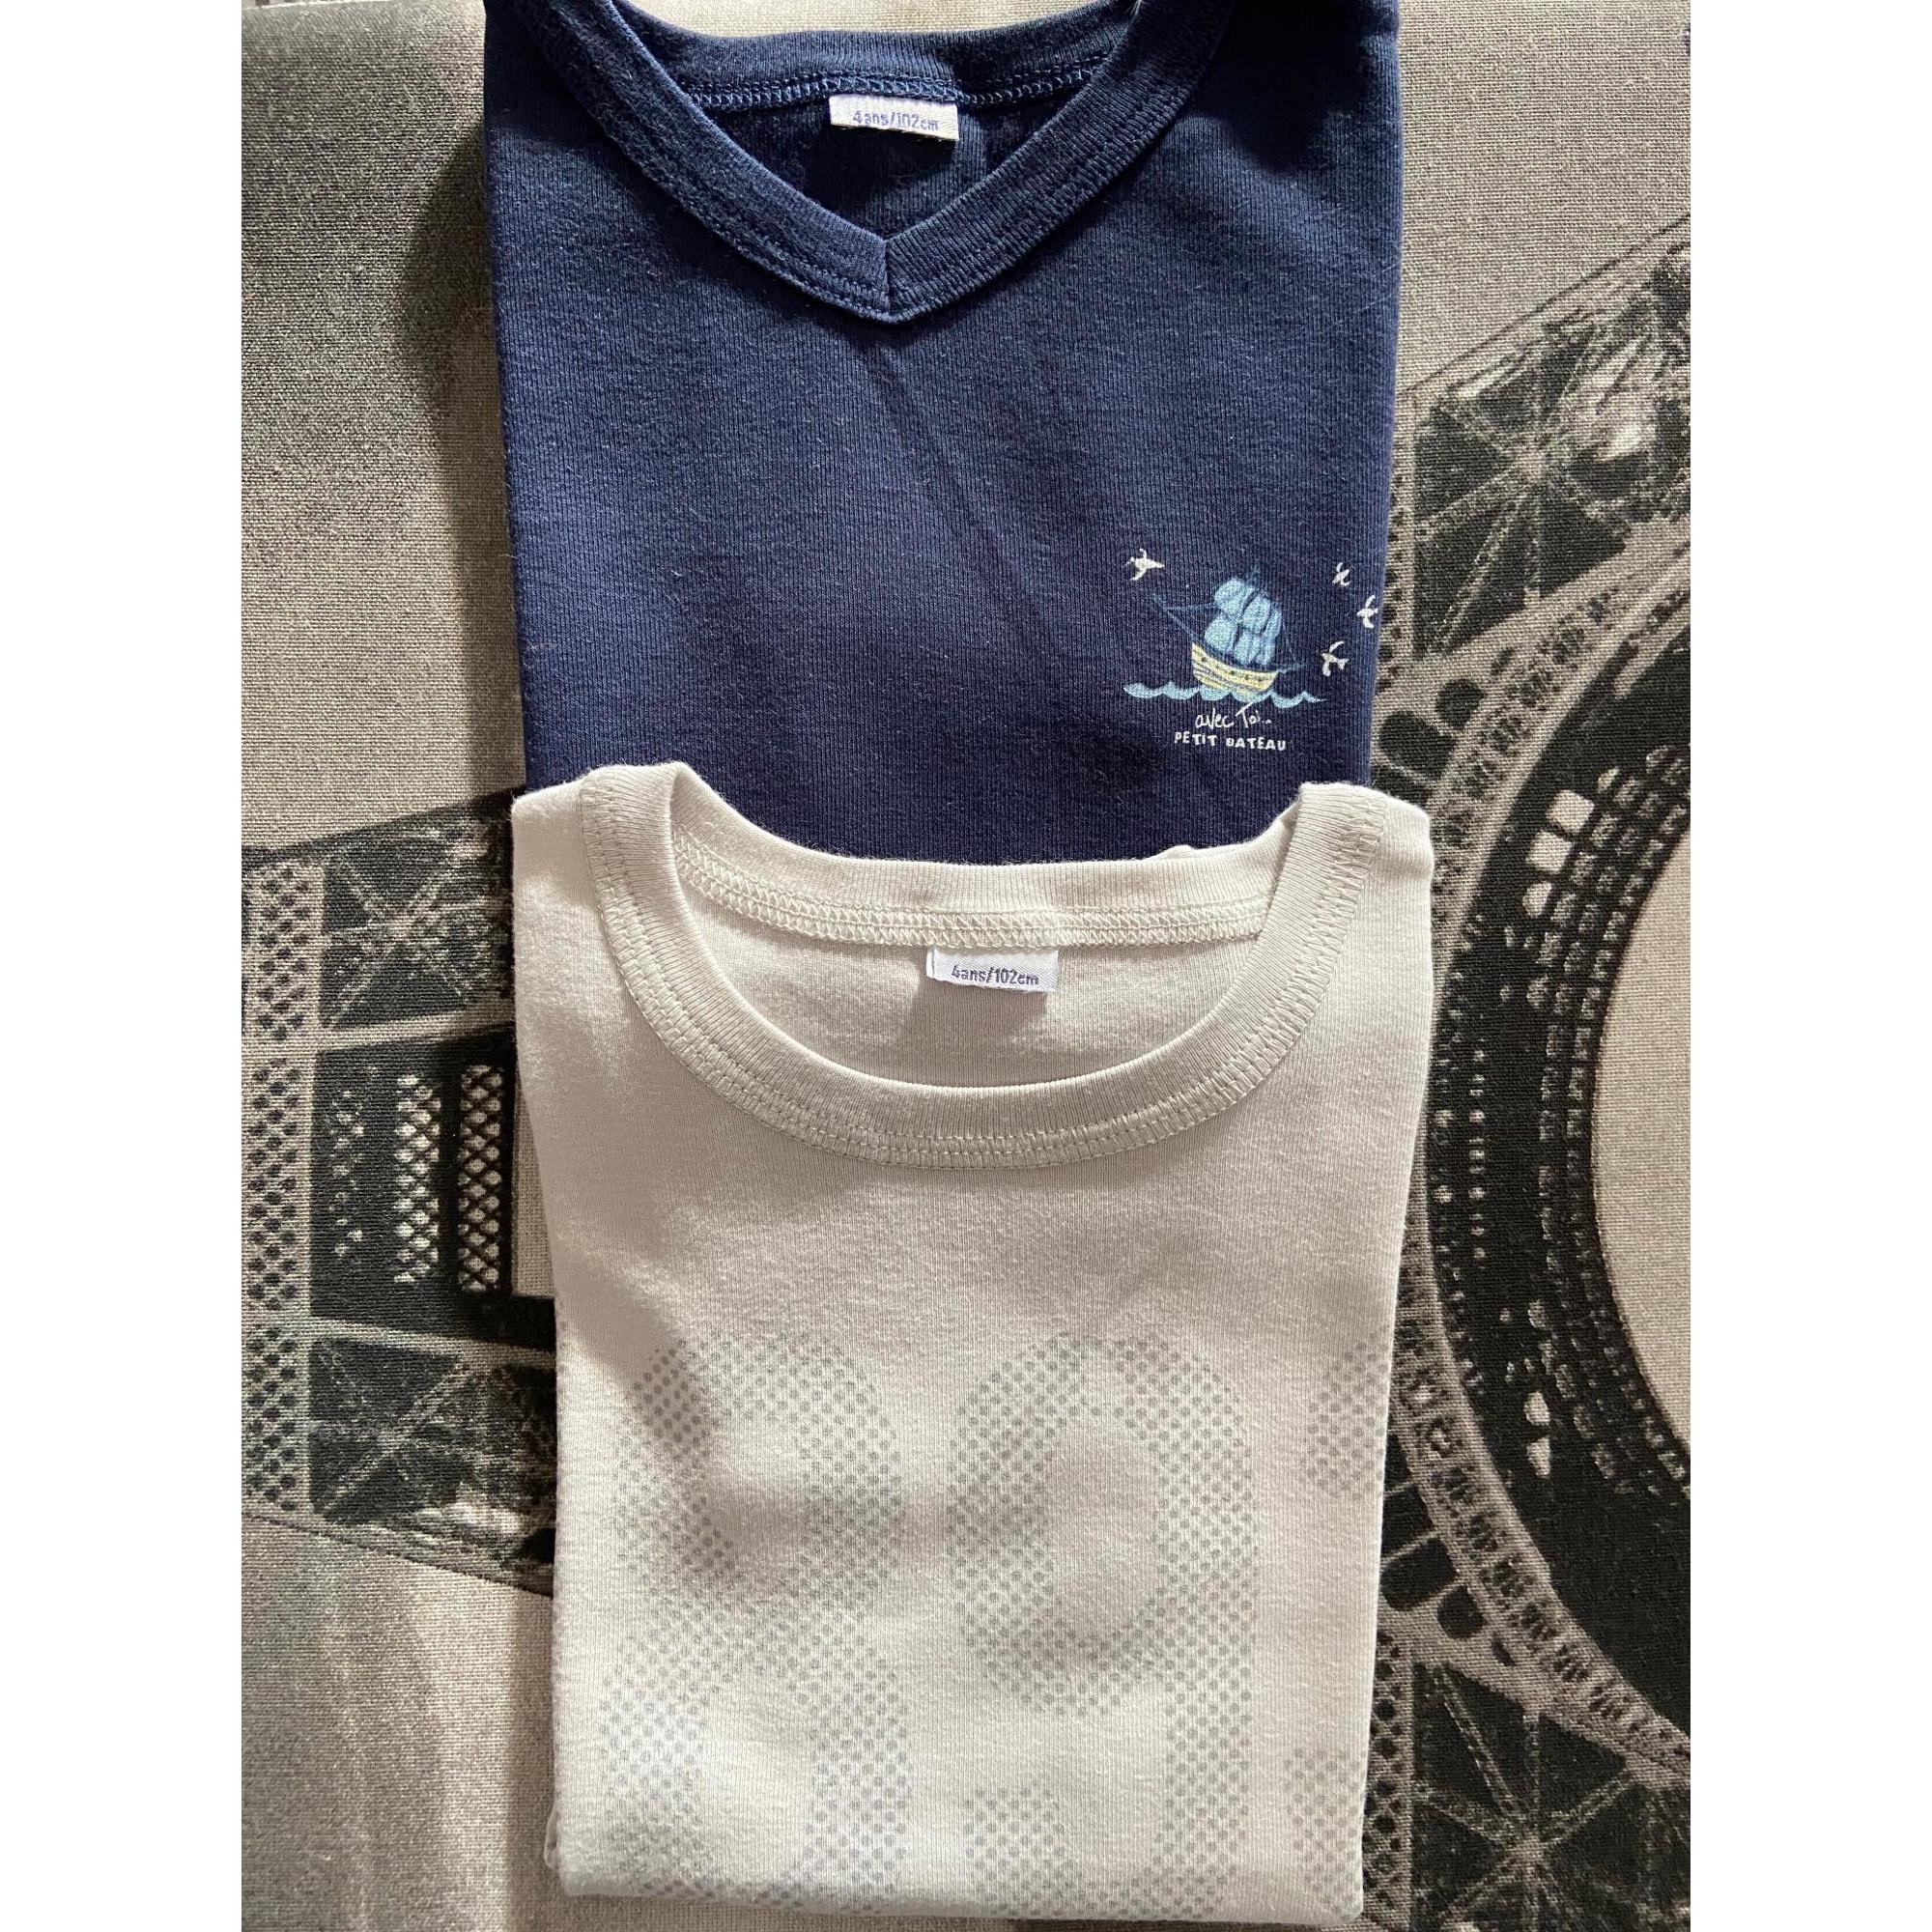 Tee-shirt PETIT BATEAU Bleu, bleu marine, bleu turquoise